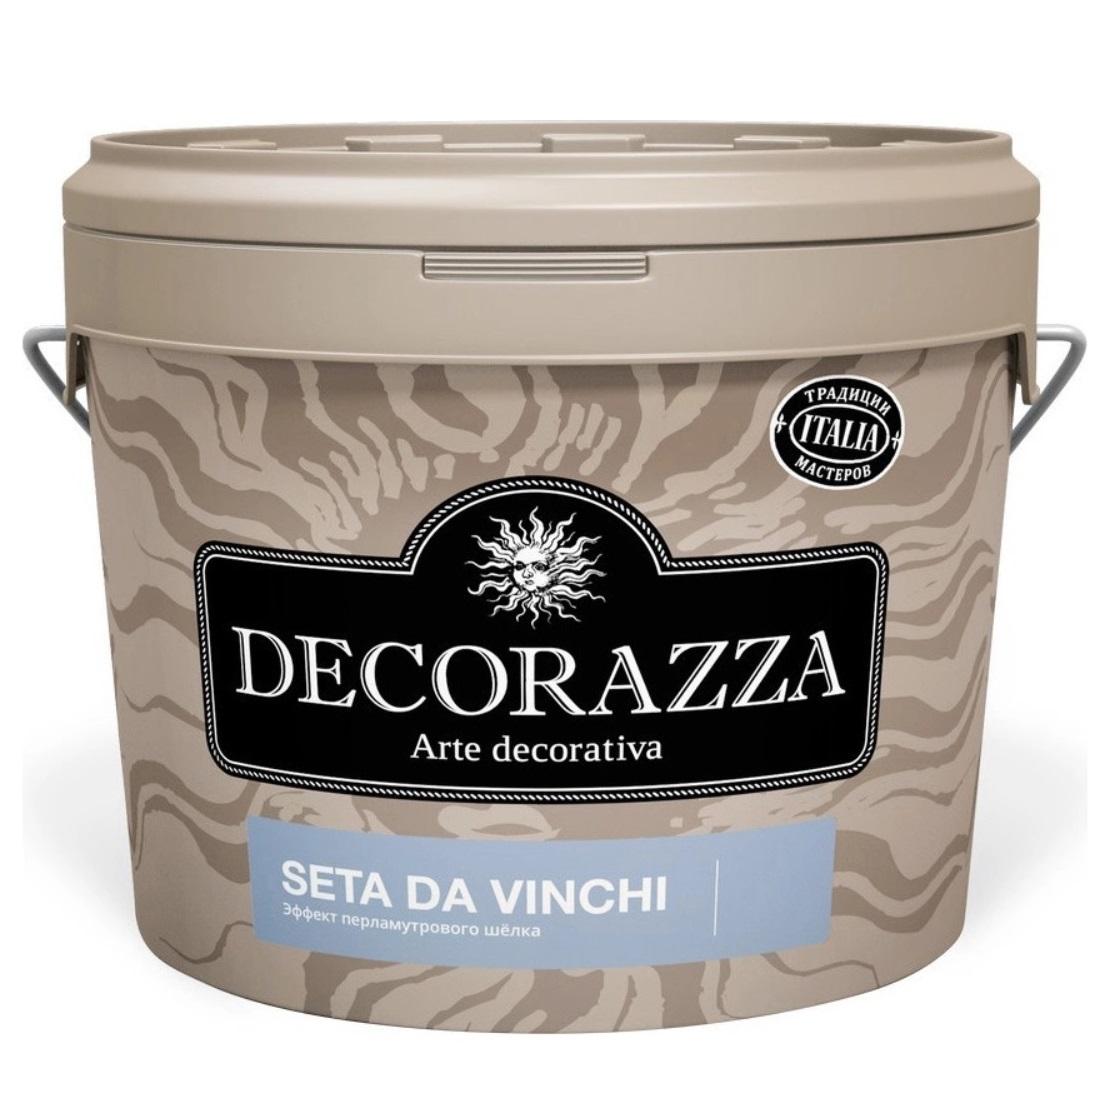 Декоративное покрытие с более выраженным эффектом перламутрового шёлка Decorazza dz seta da vinci sd 001. 5 кг фото